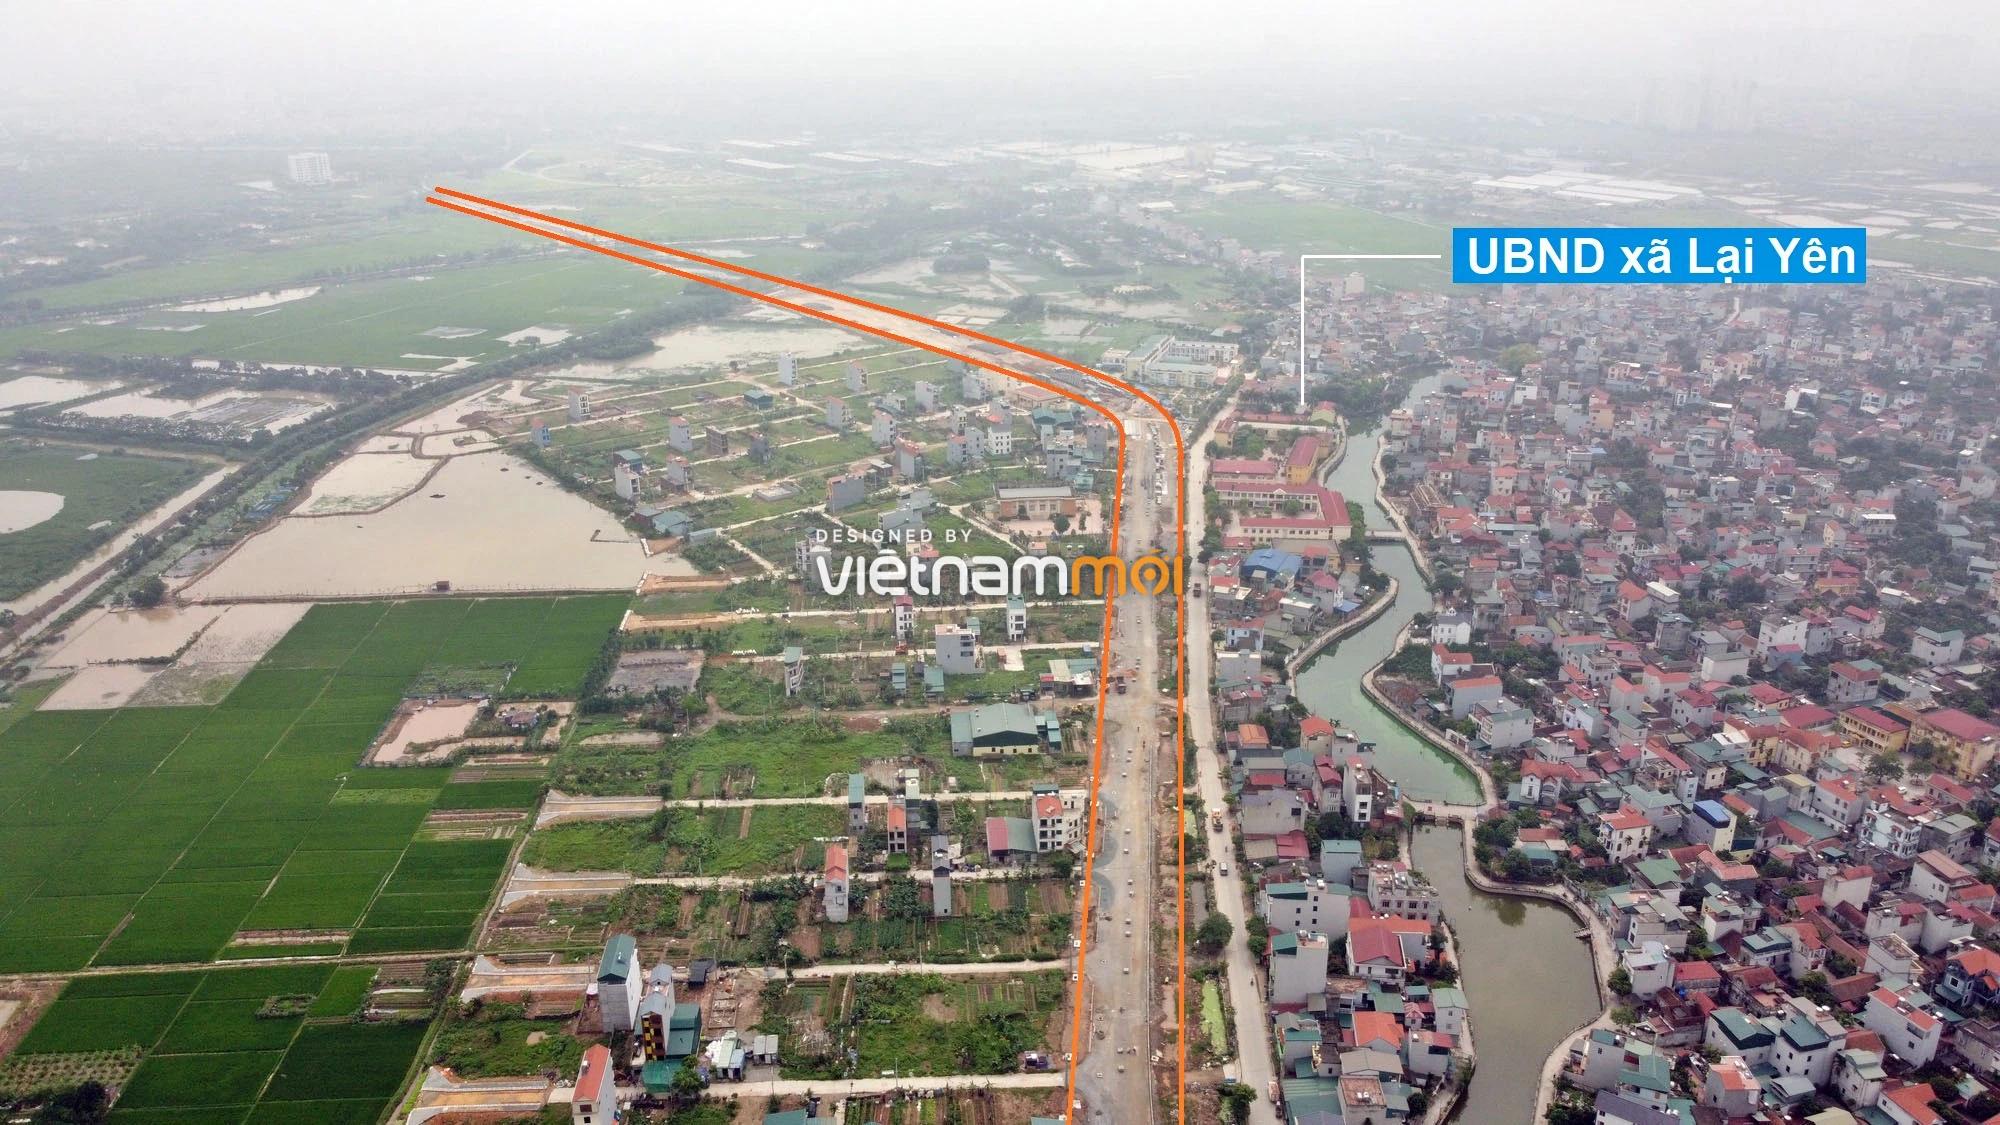 Toàn cảnh đường Lại Yên - Vân Canh đang mở theo quy hoạch ở Hà Nội - Ảnh 7.